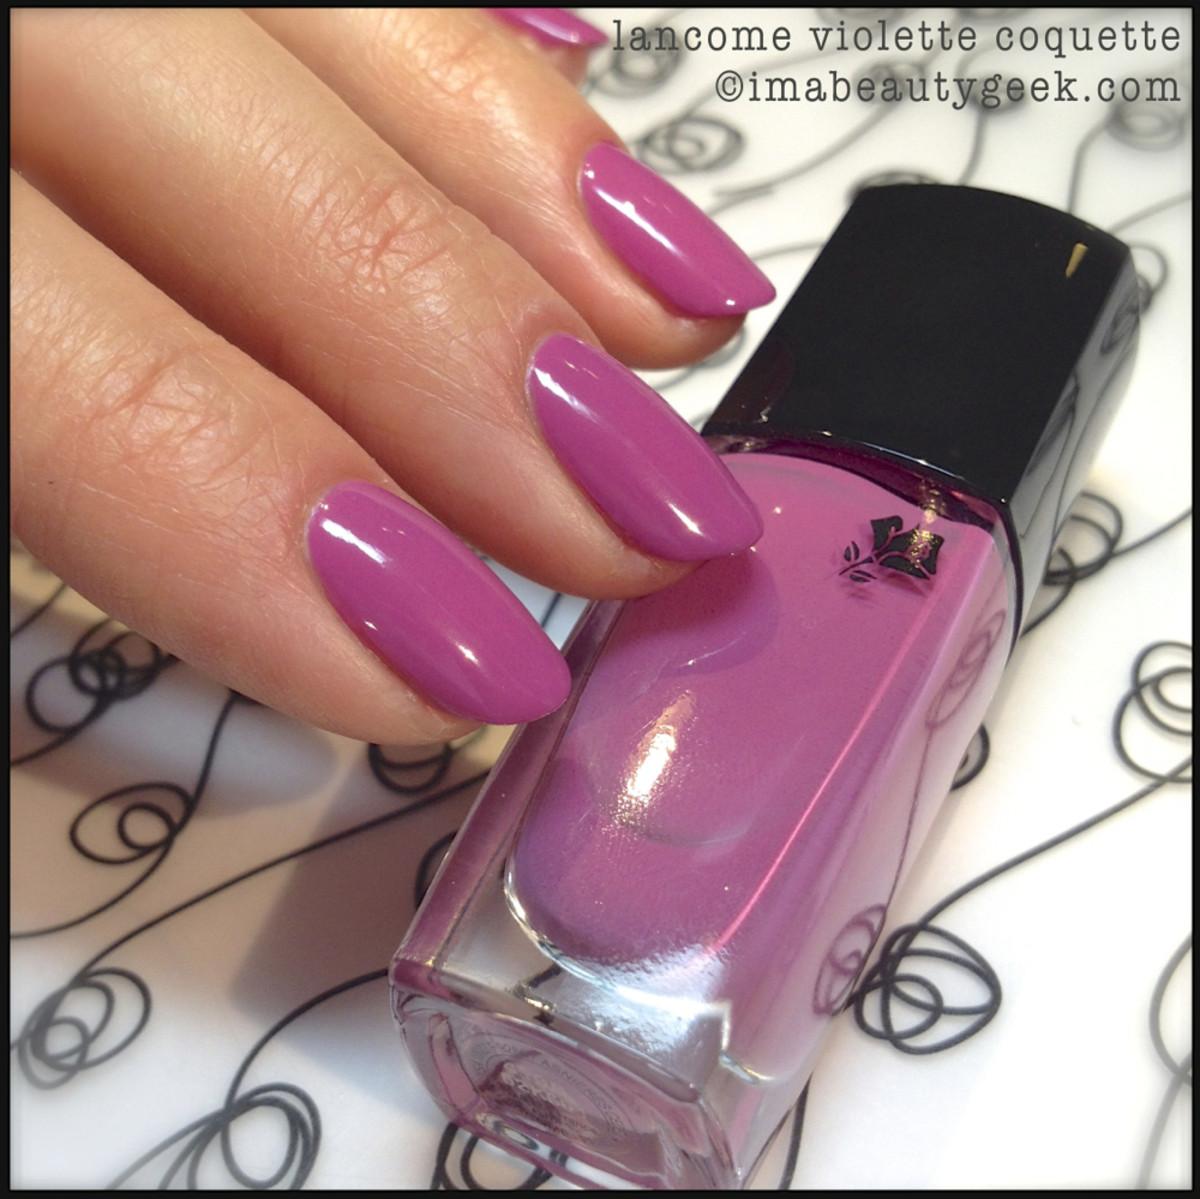 Lancome Violette Coquette